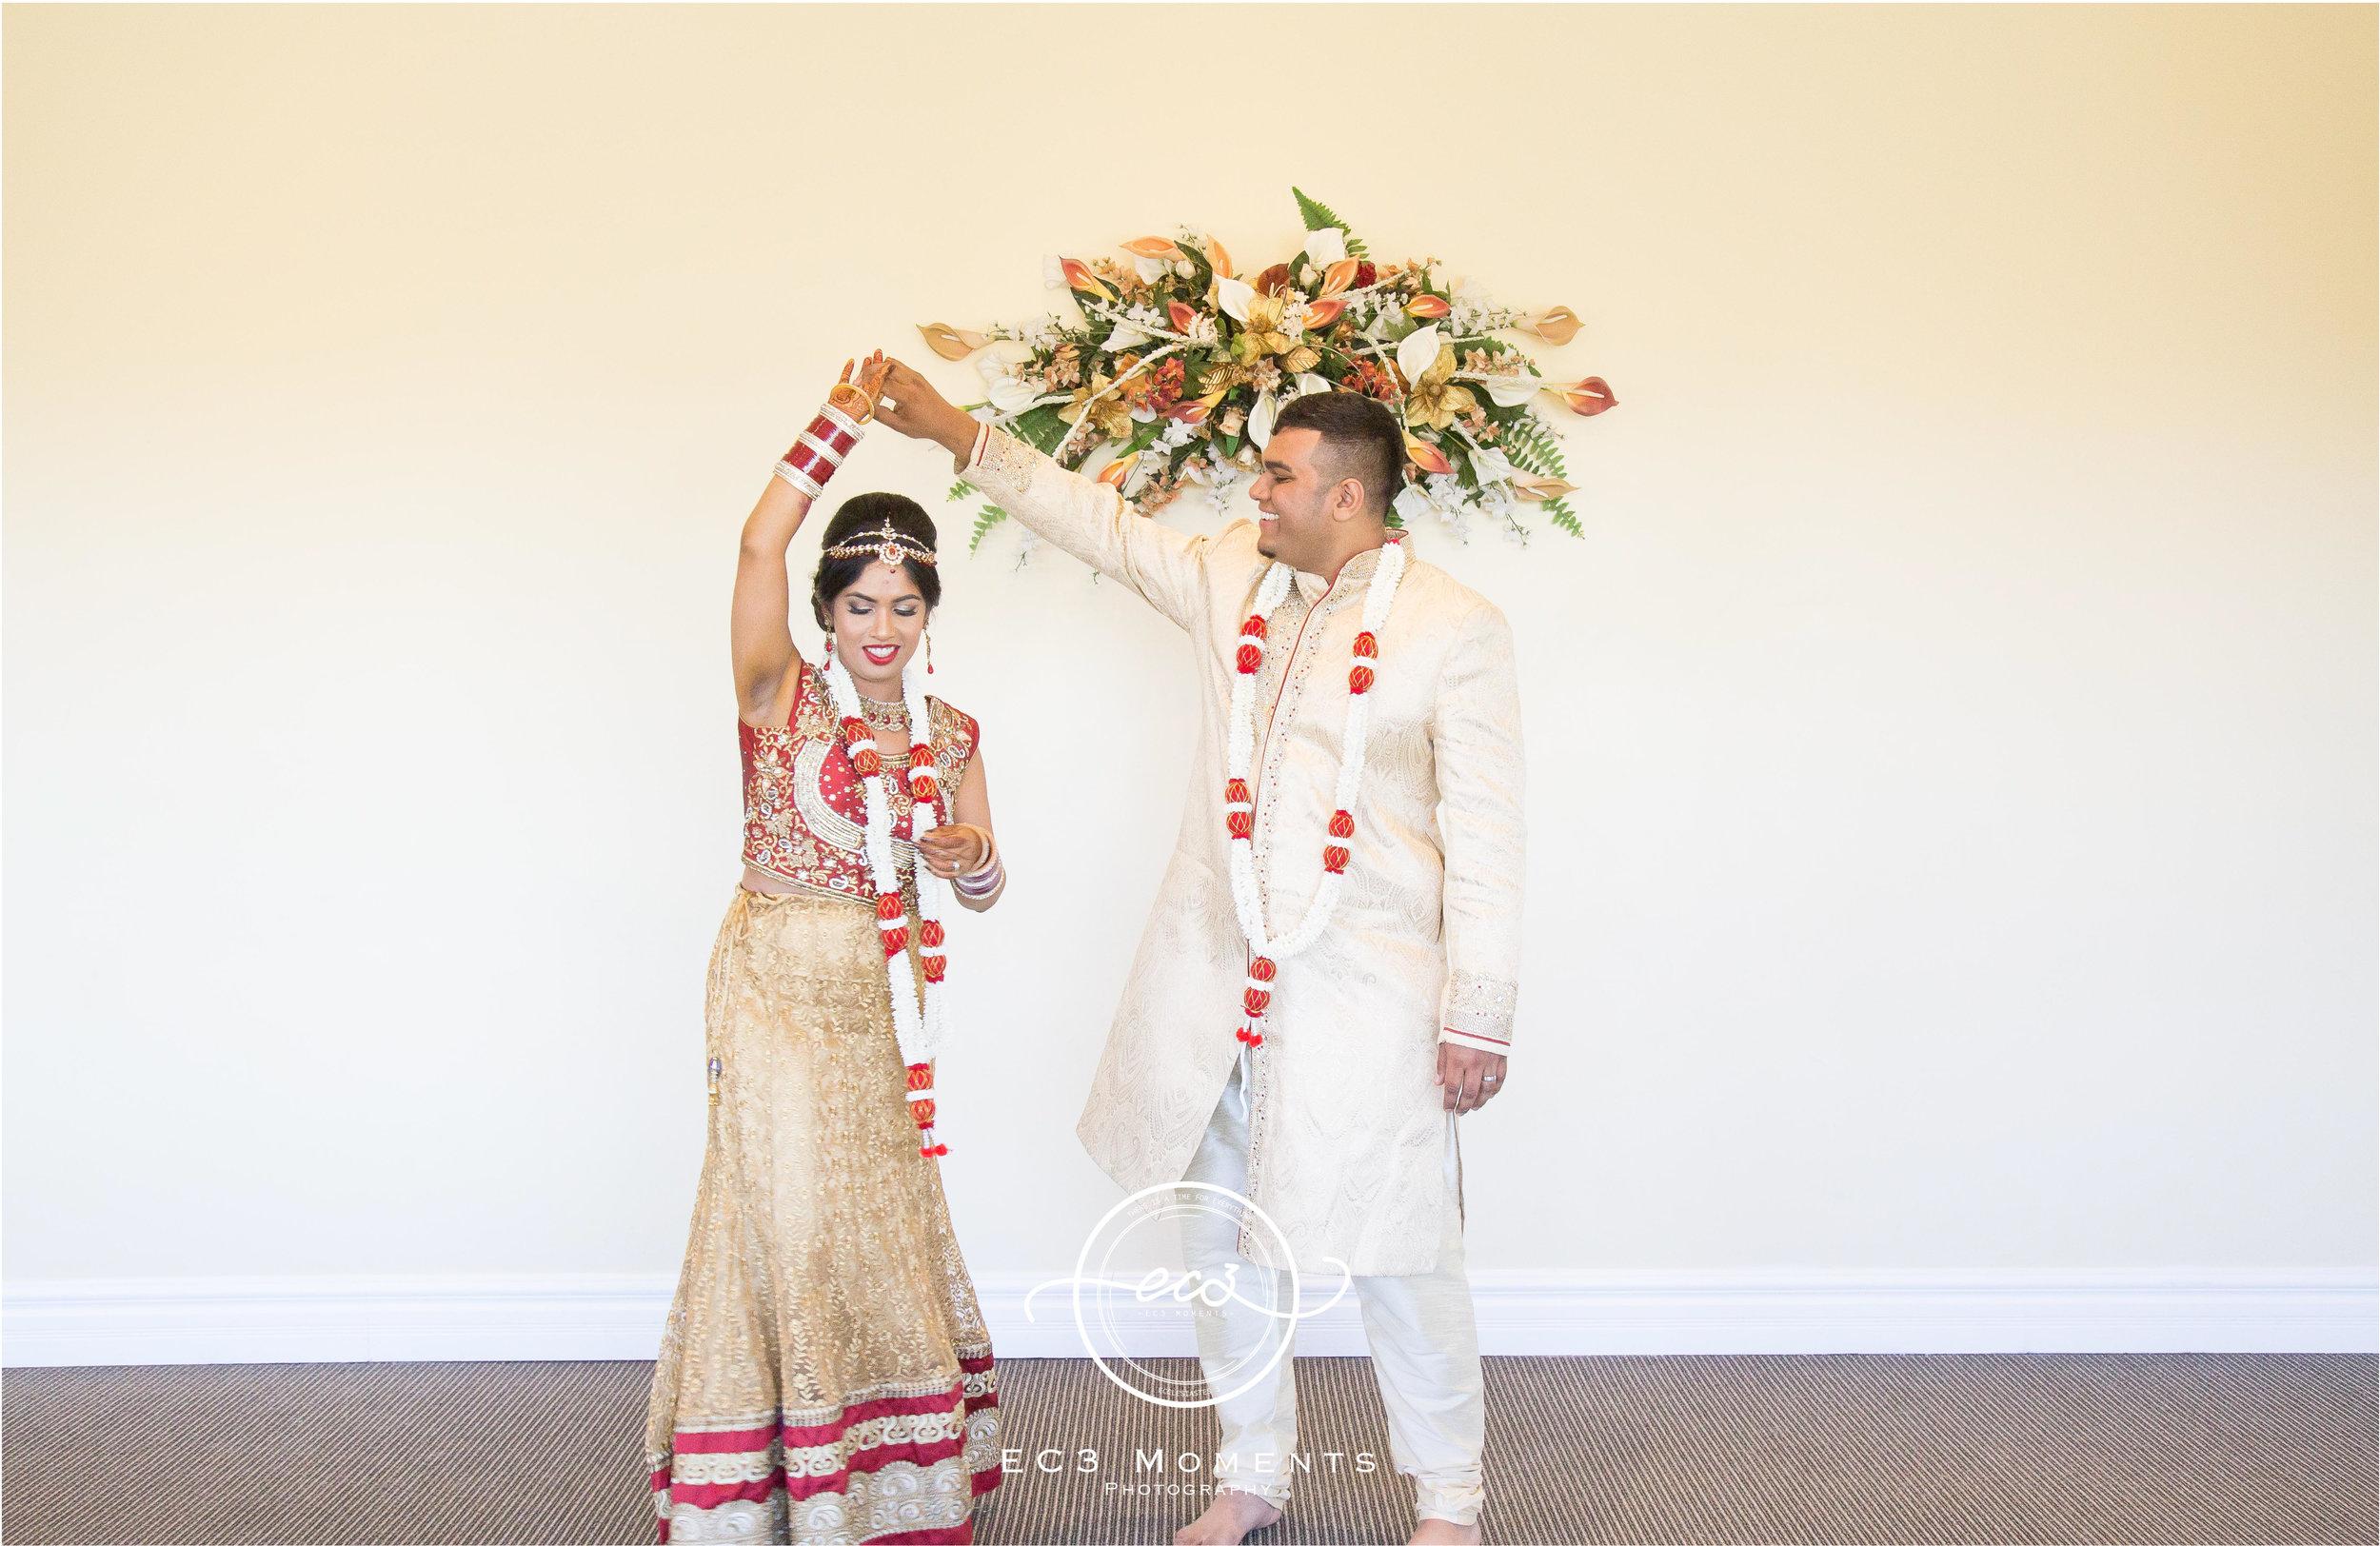 Dolly & Paul Sagan Hindu Wedding Day One 11.jpg